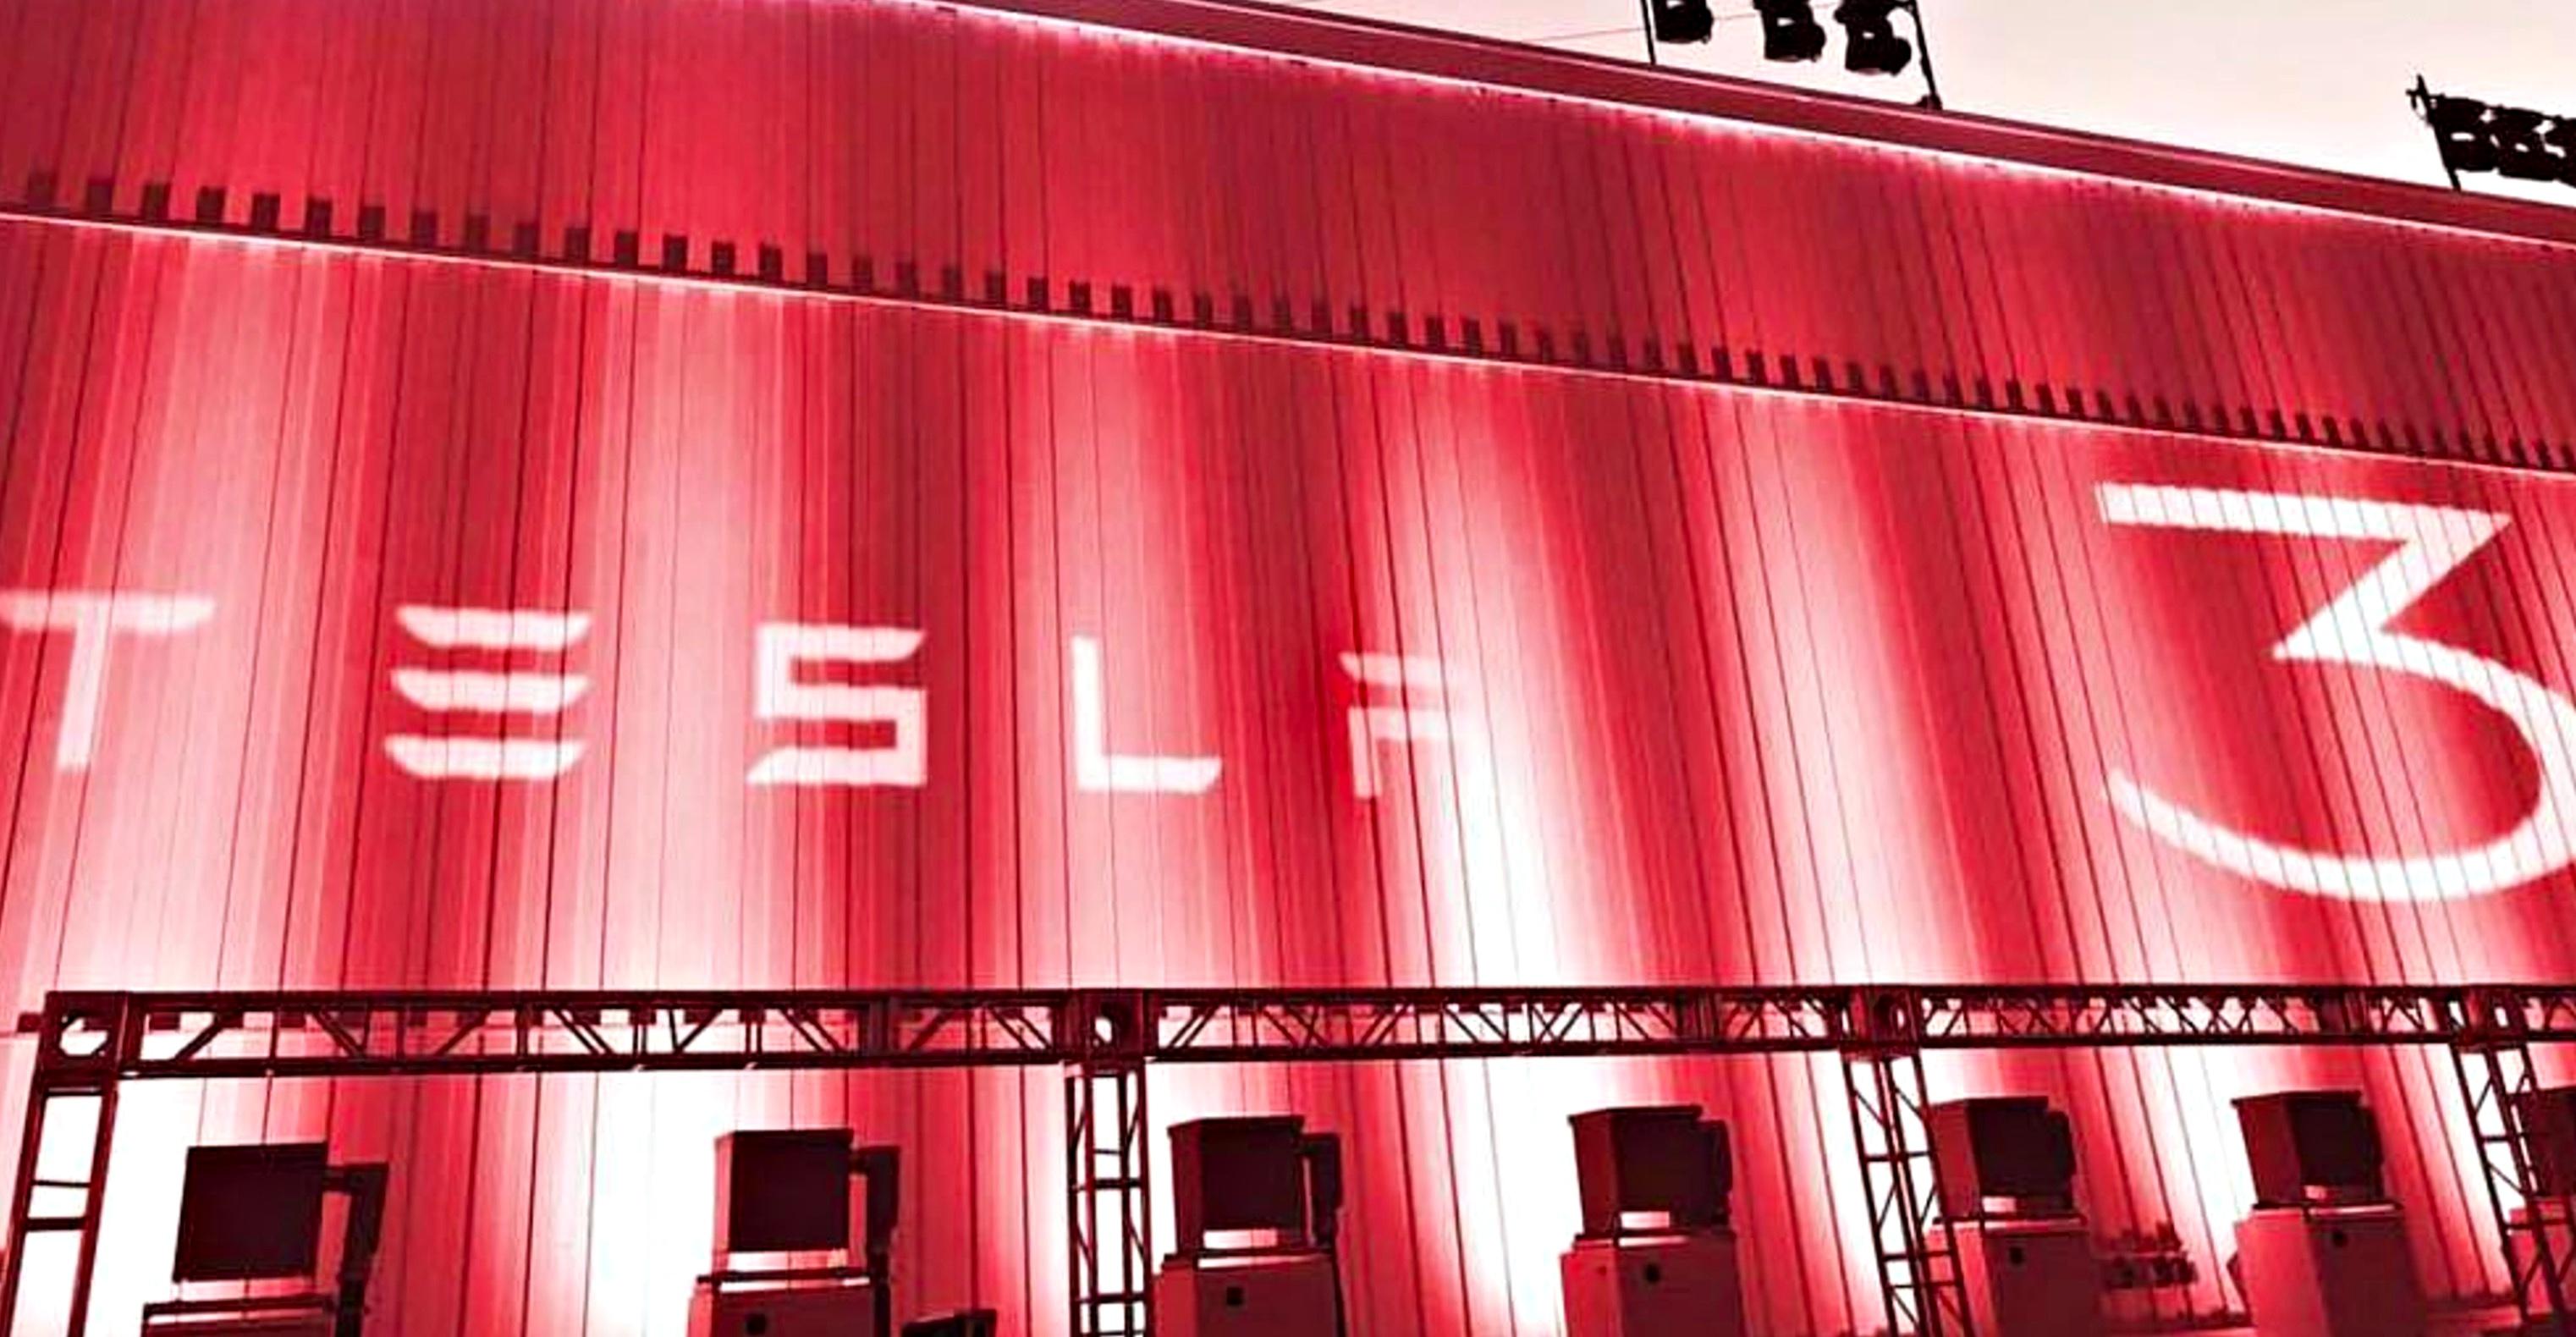 tesla-model-3-event-fremont-lighting